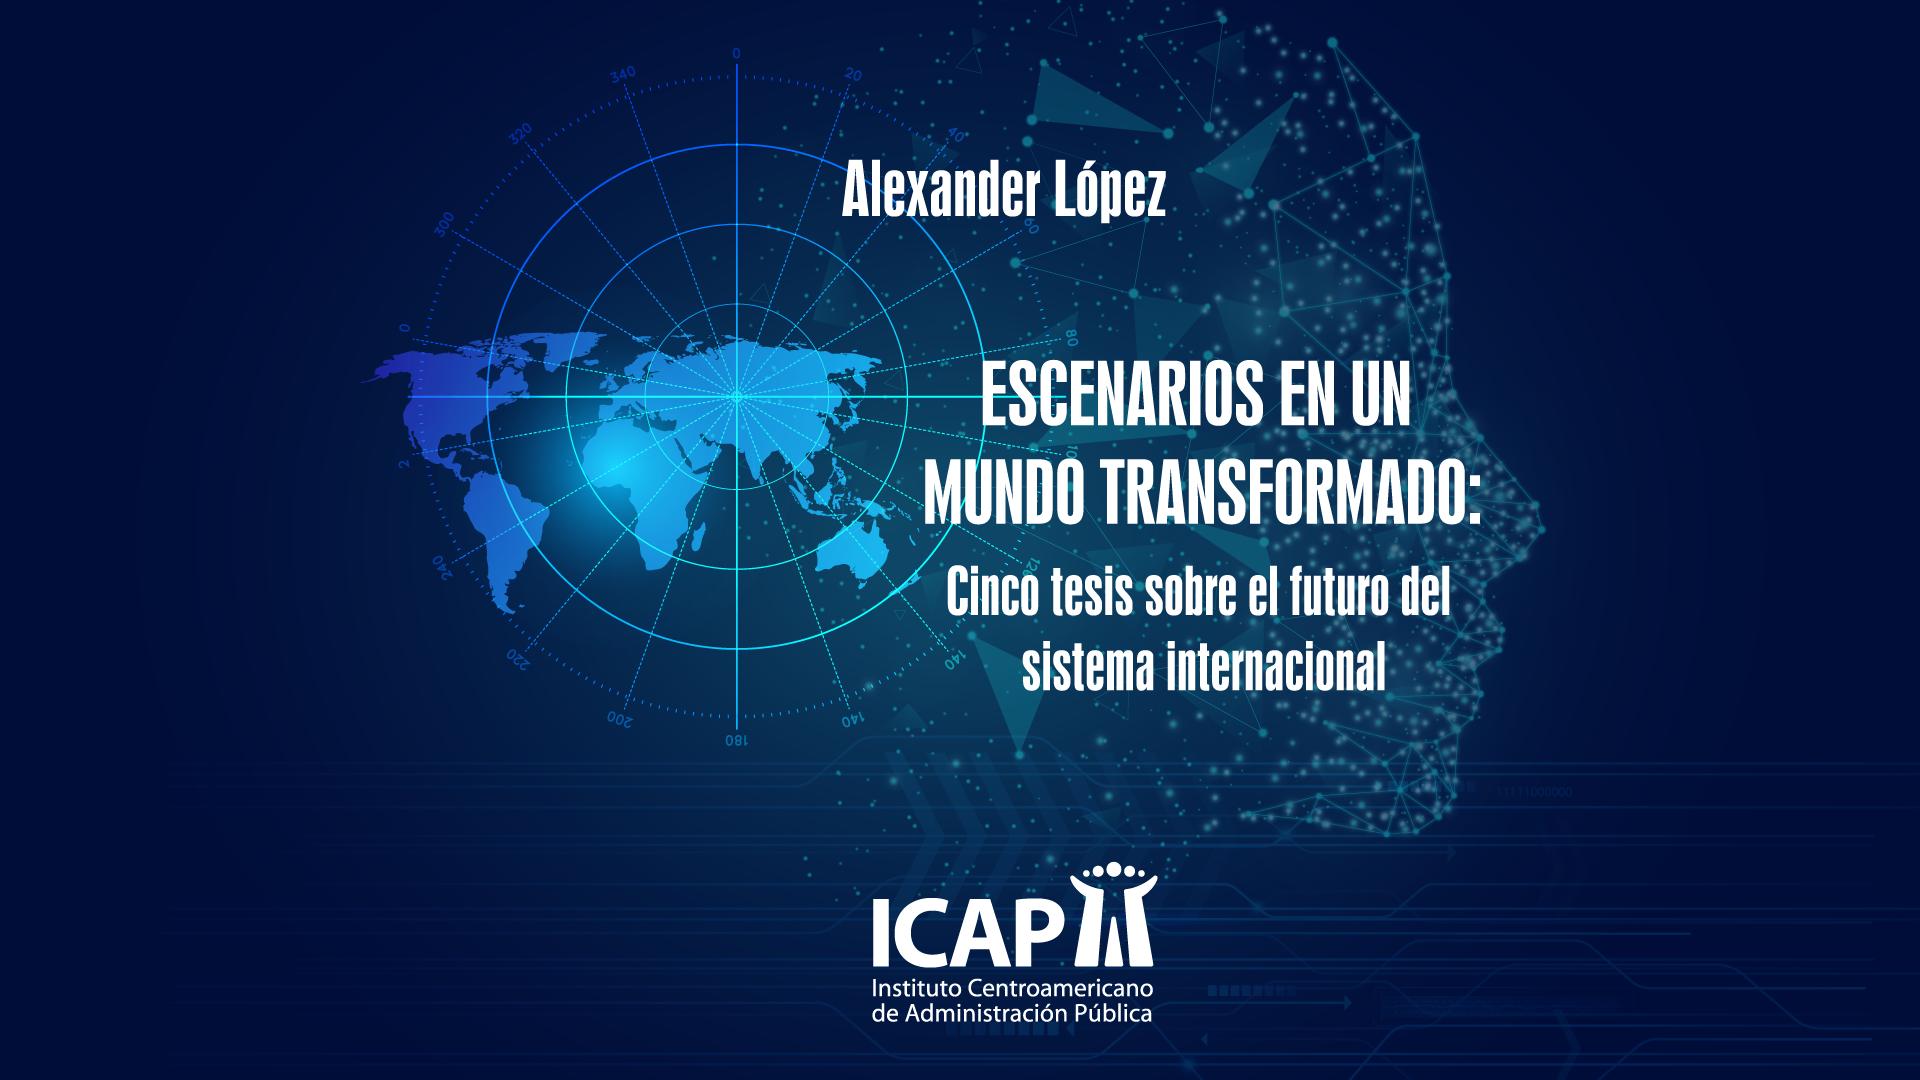 Alexander López, Director ICAP, presentó su libro digital:  Escenarios en un mundo transformado: cinco tesis sobre el futuro del sistema internacional